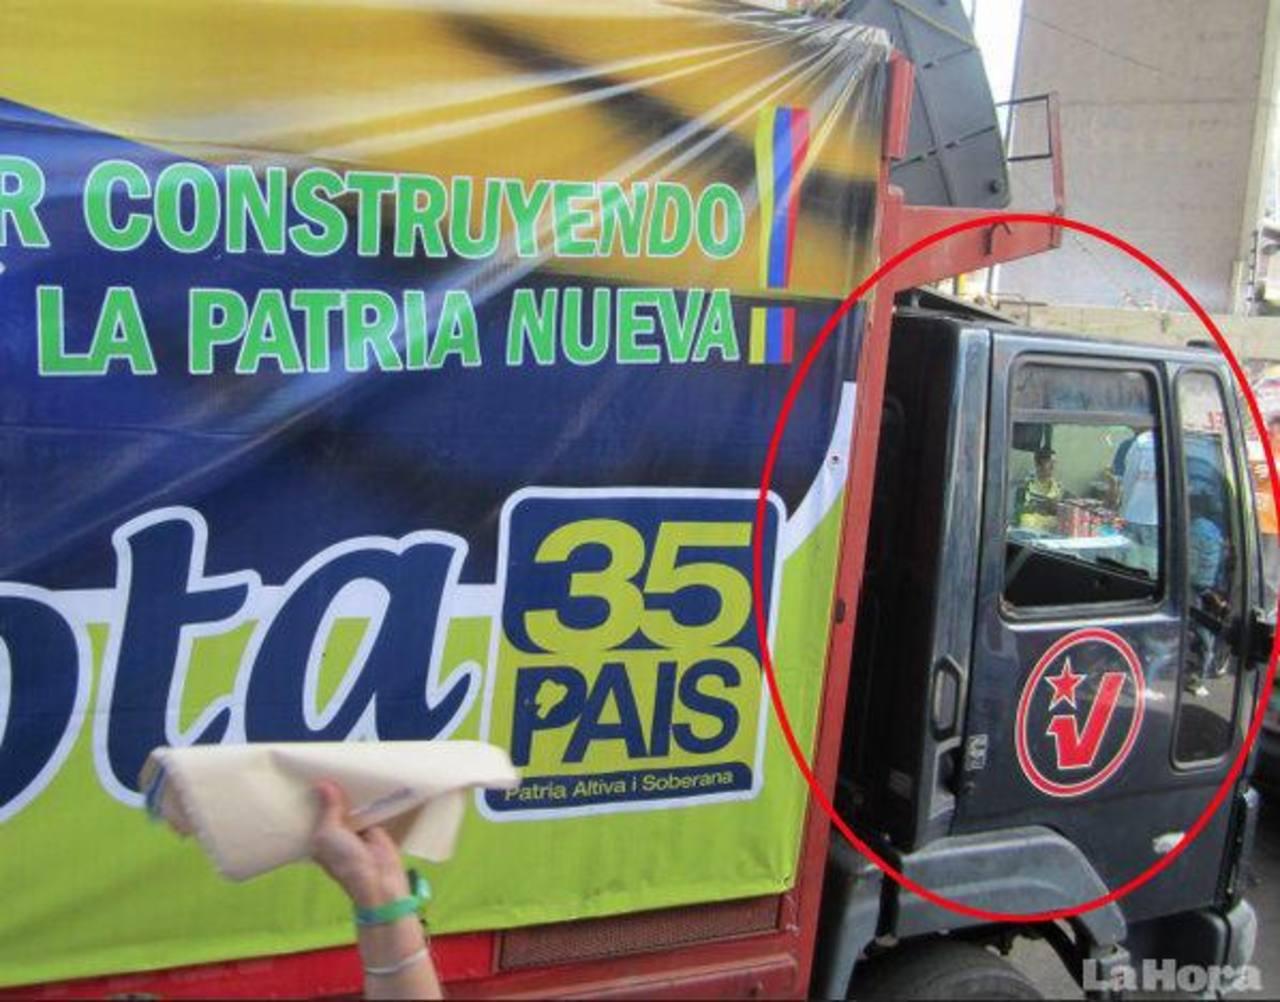 Imagen del camión con logo del PSUV y propaganda de Correa.